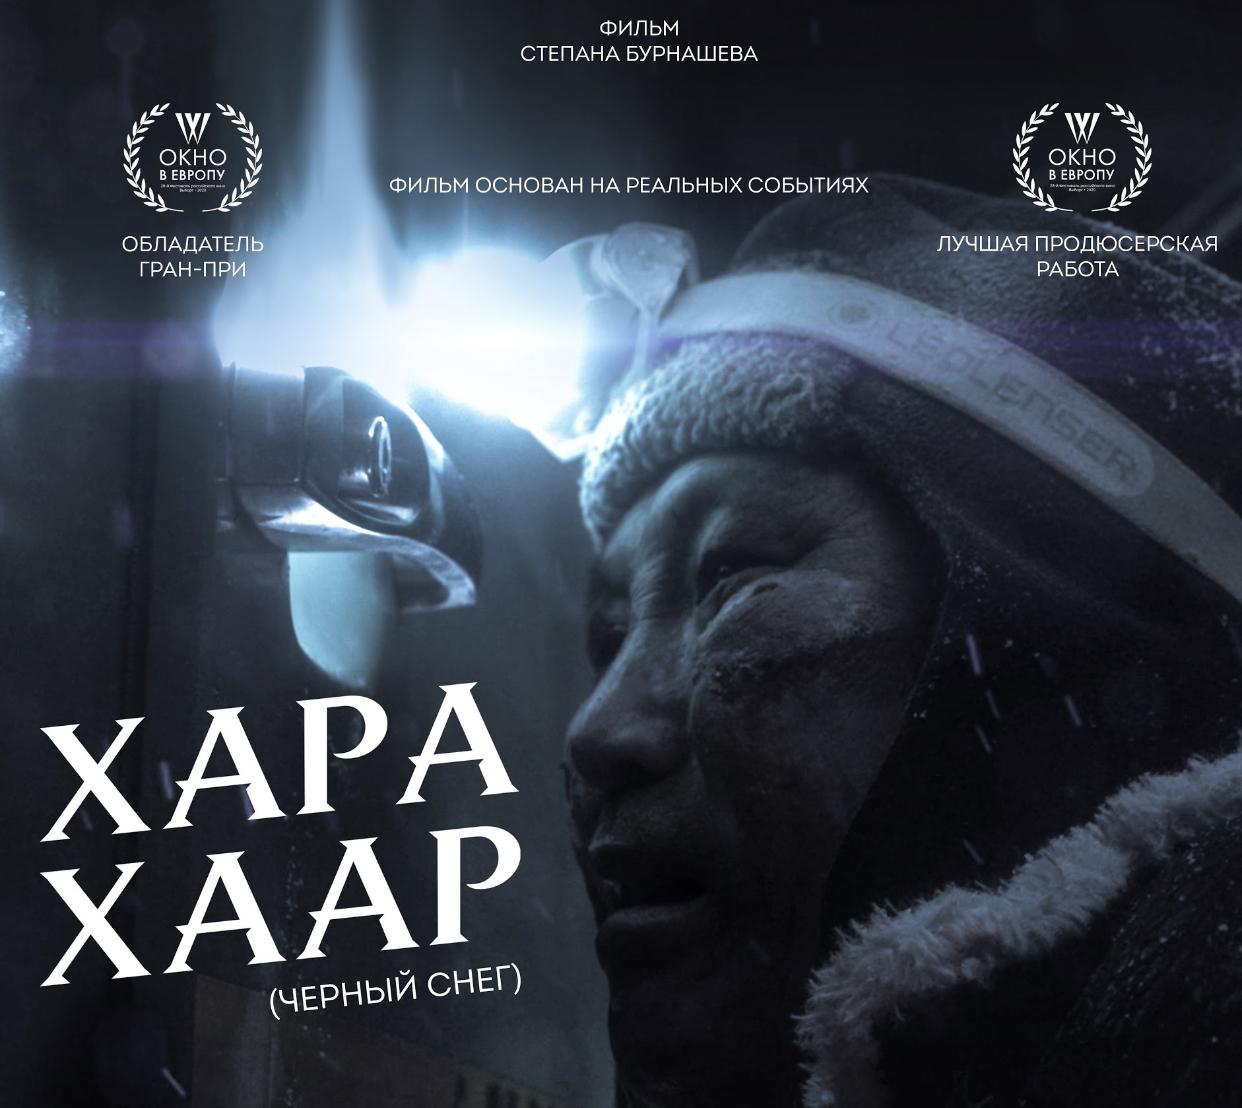 «Хара хаар» — фильм, который никого не оставит равнодушным